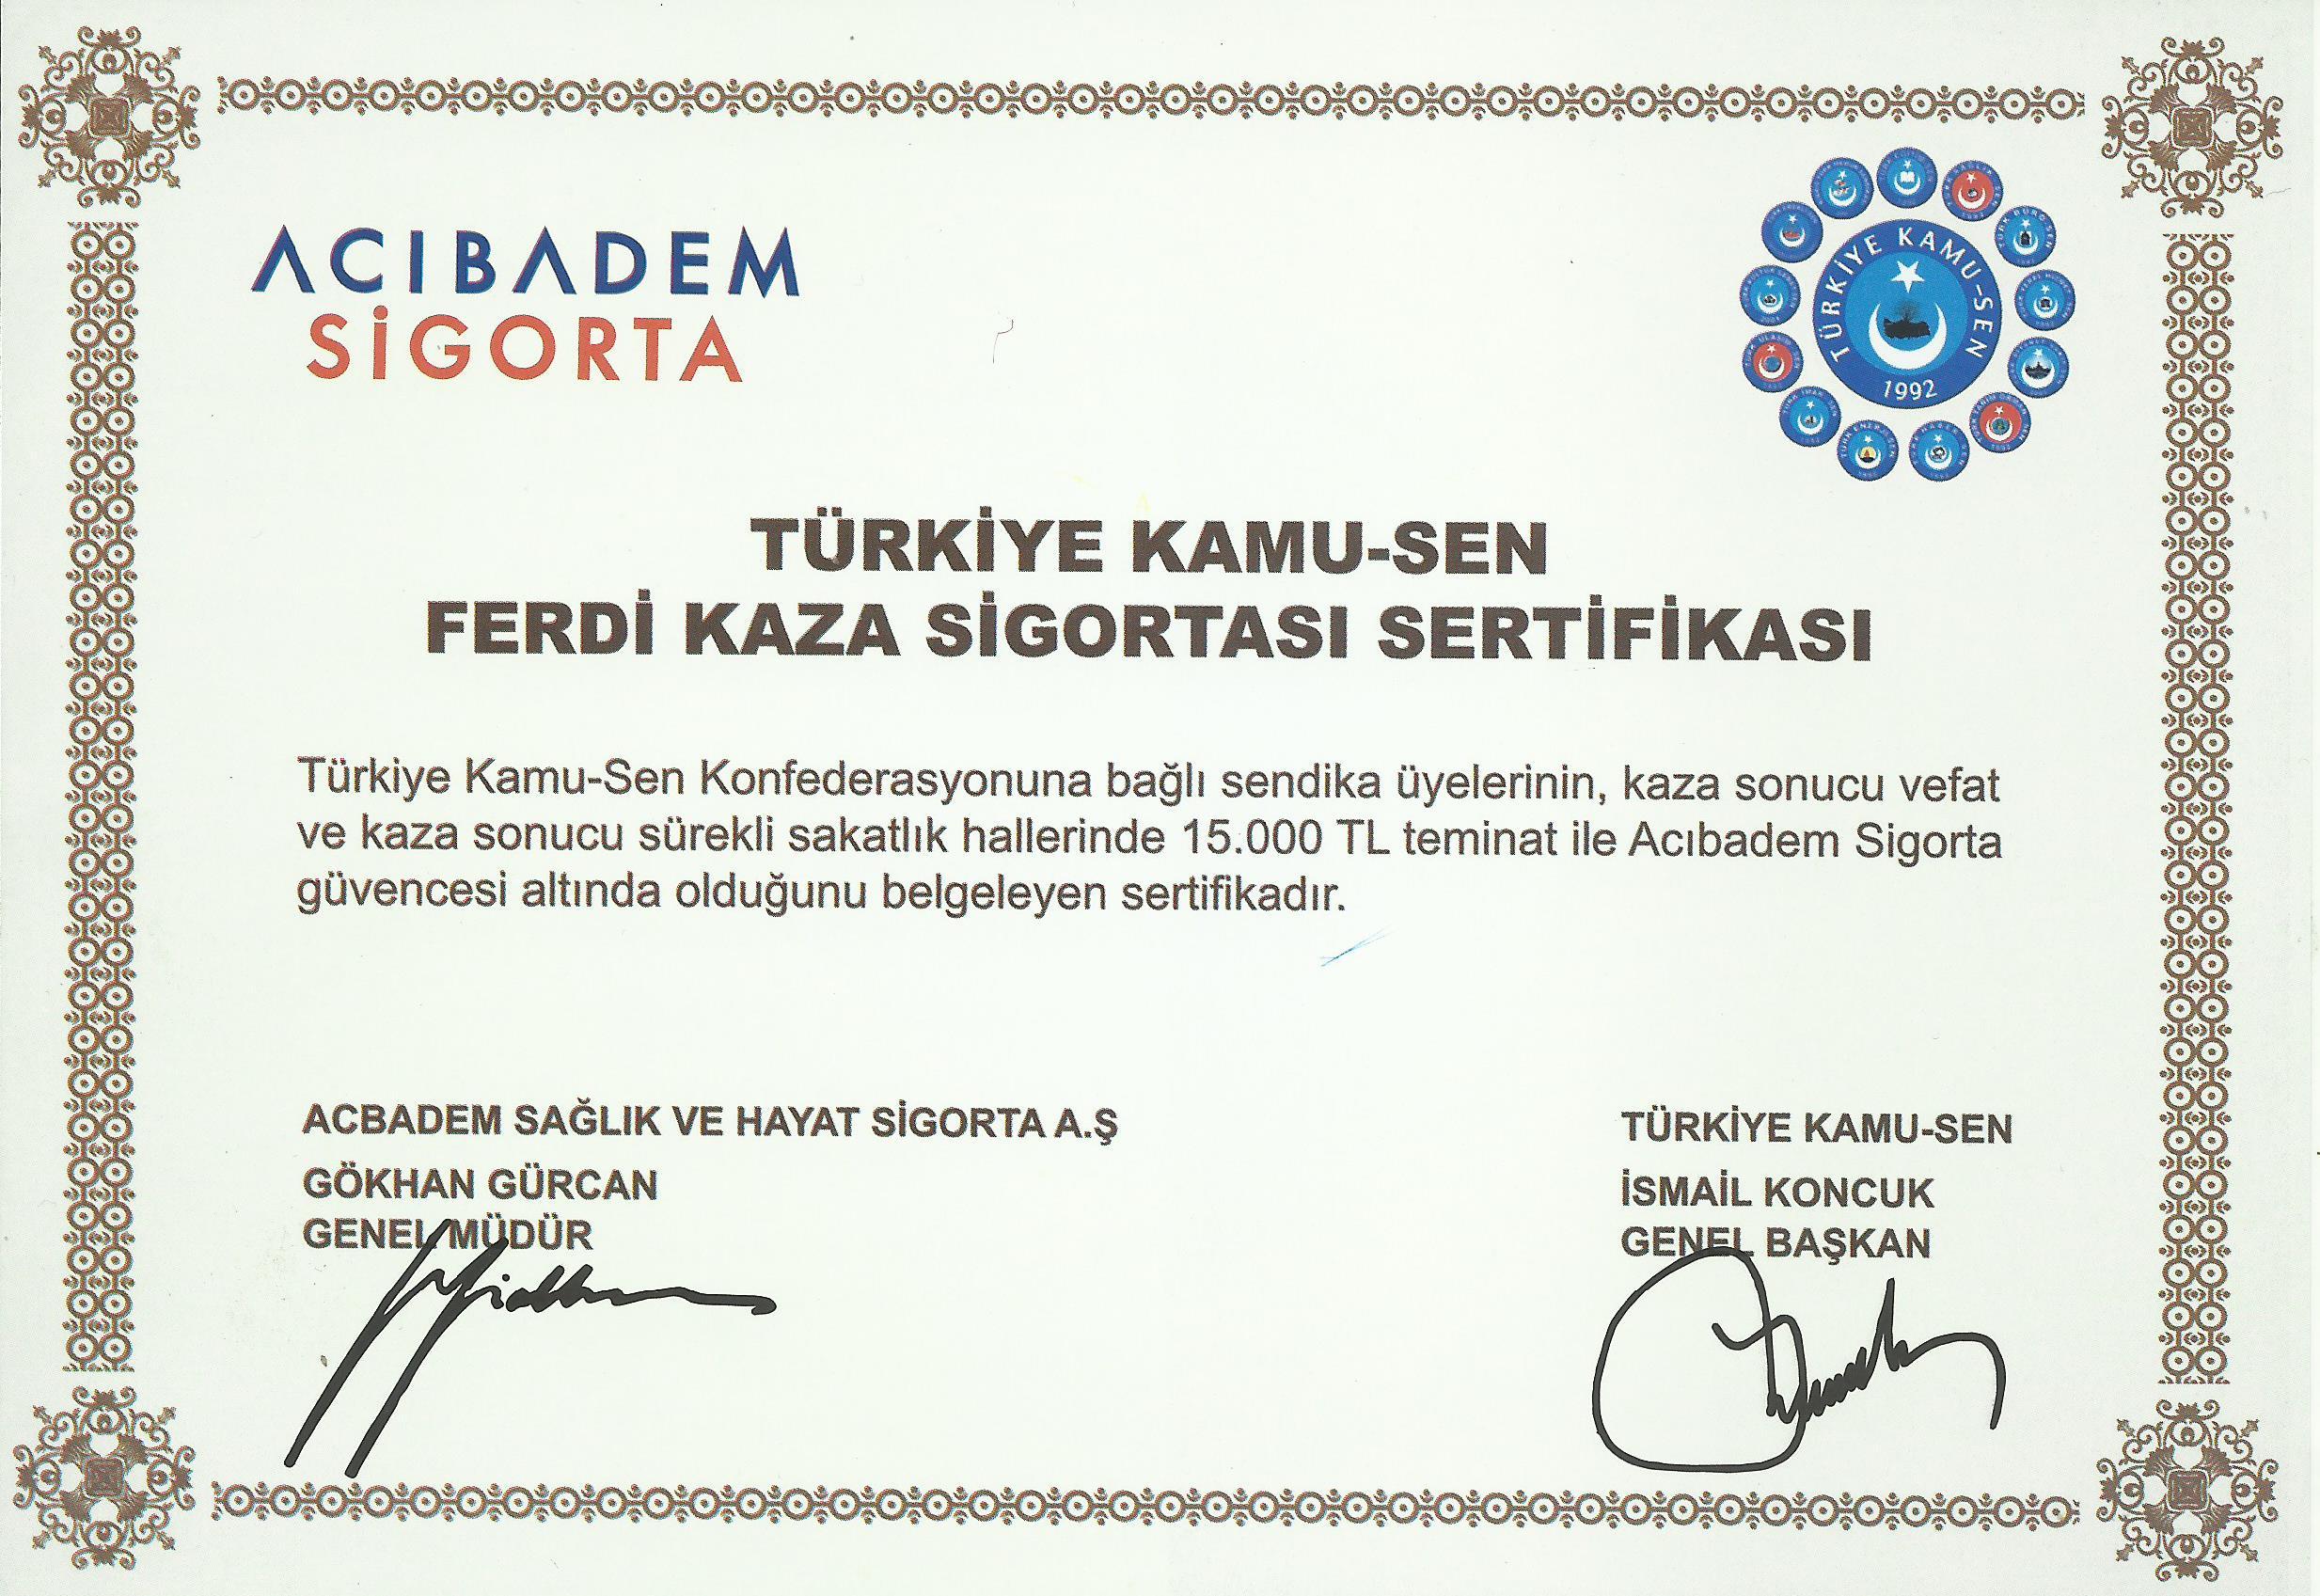 Trafik Kazası Sonucu Vefat Eden Üyemiz Ebe Fatma Sevim'in Ailesine Ferdi Kaza Sigortası Ödemesi Yapılmıştır.